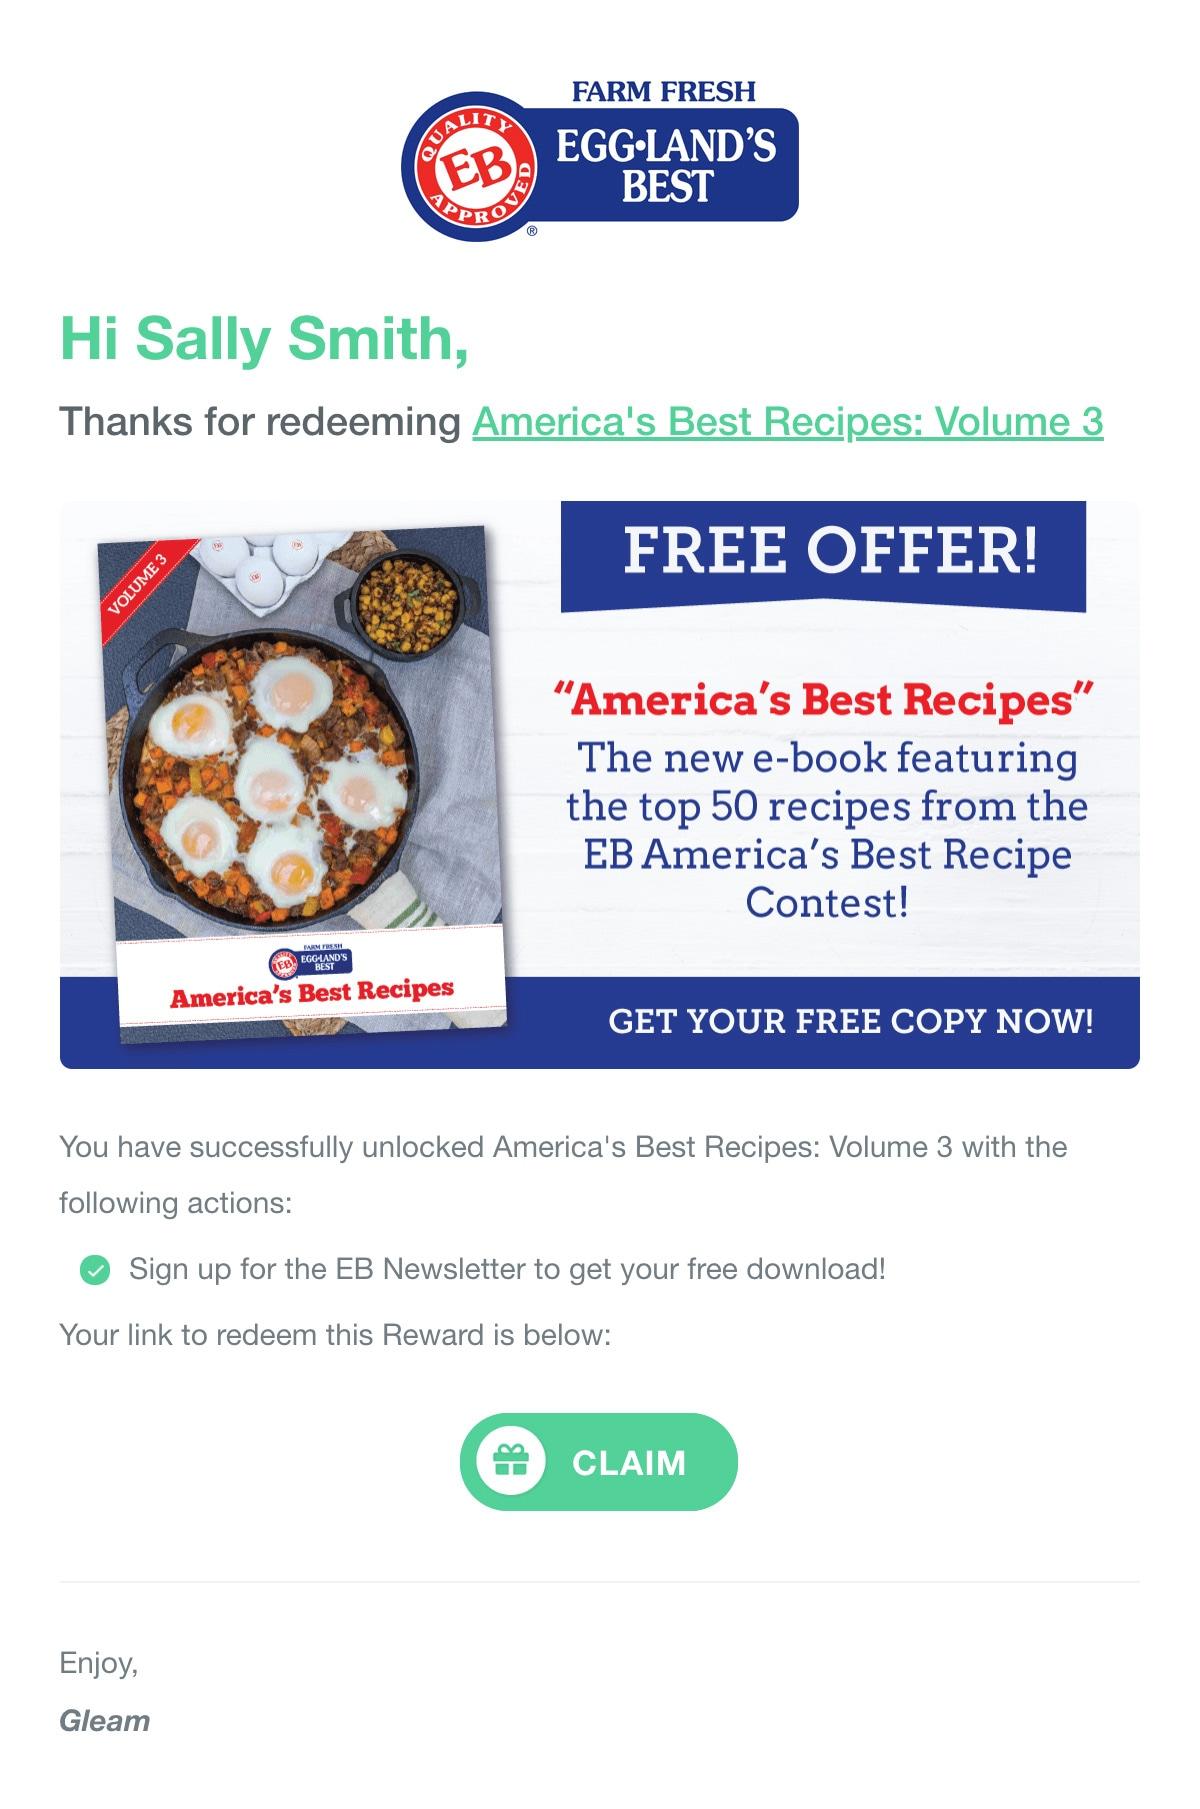 Gleam Link Rewards in Email